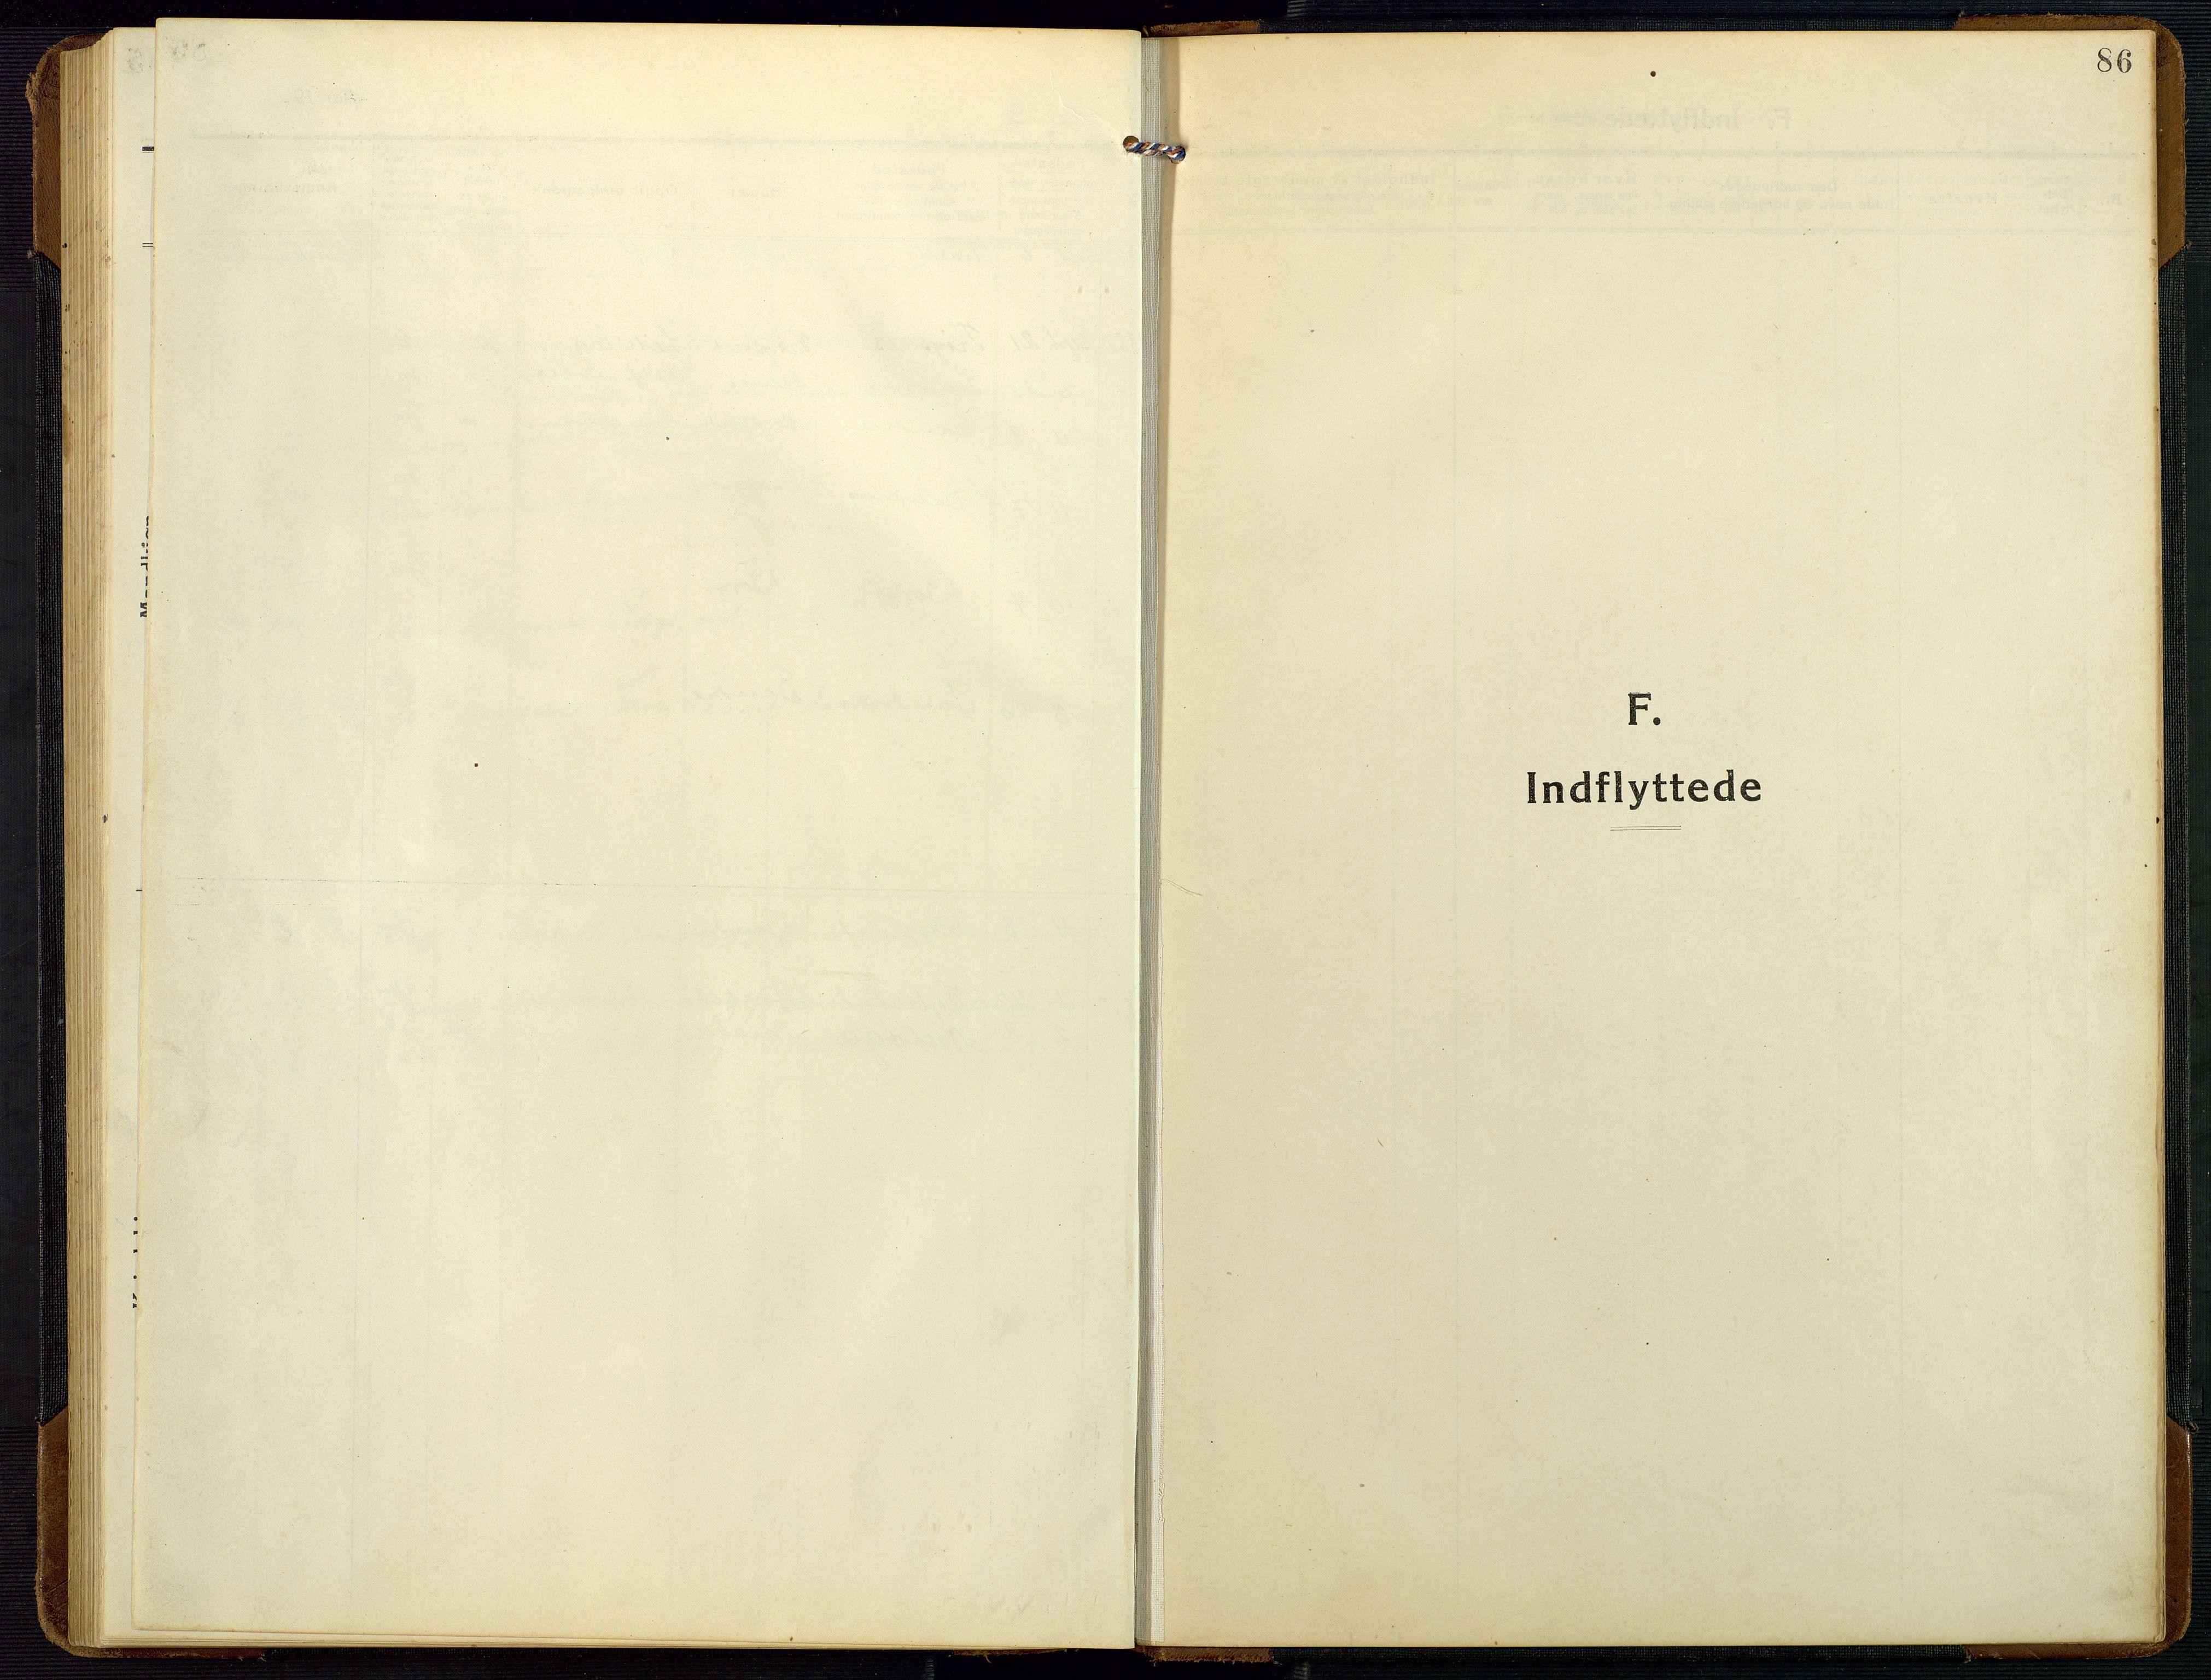 SAK, Bygland sokneprestkontor, F/Fb/Fbc/L0003: Klokkerbok nr. B 3, 1916-1975, s. 86